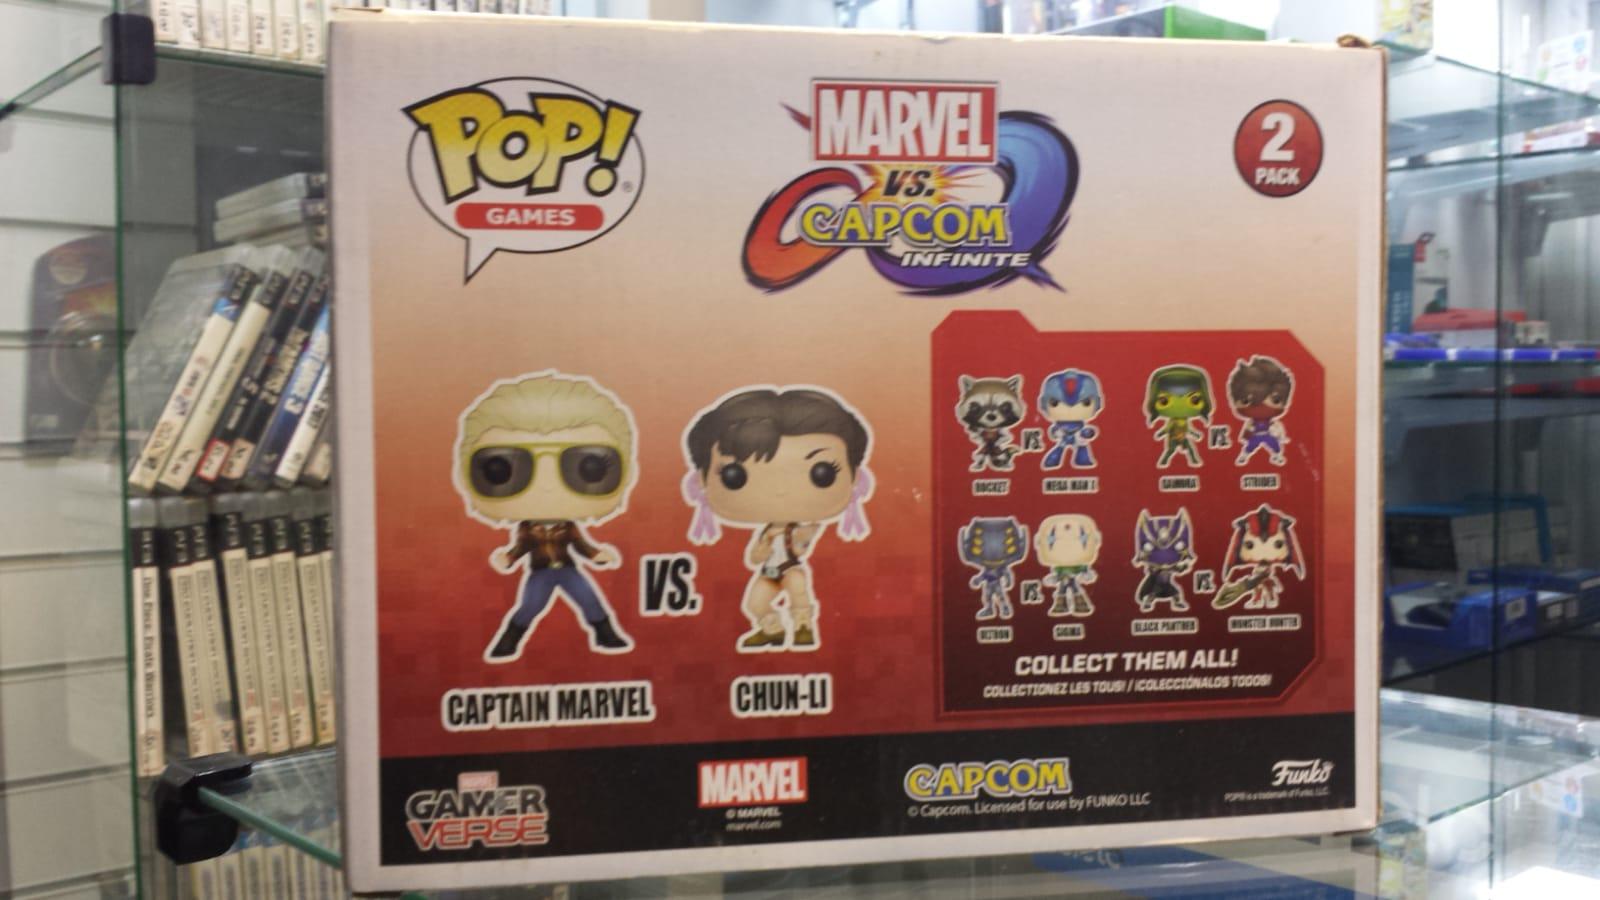 Funko Pop Marvel Vs Capcom Infinite Captain Marvel Vs Chun li